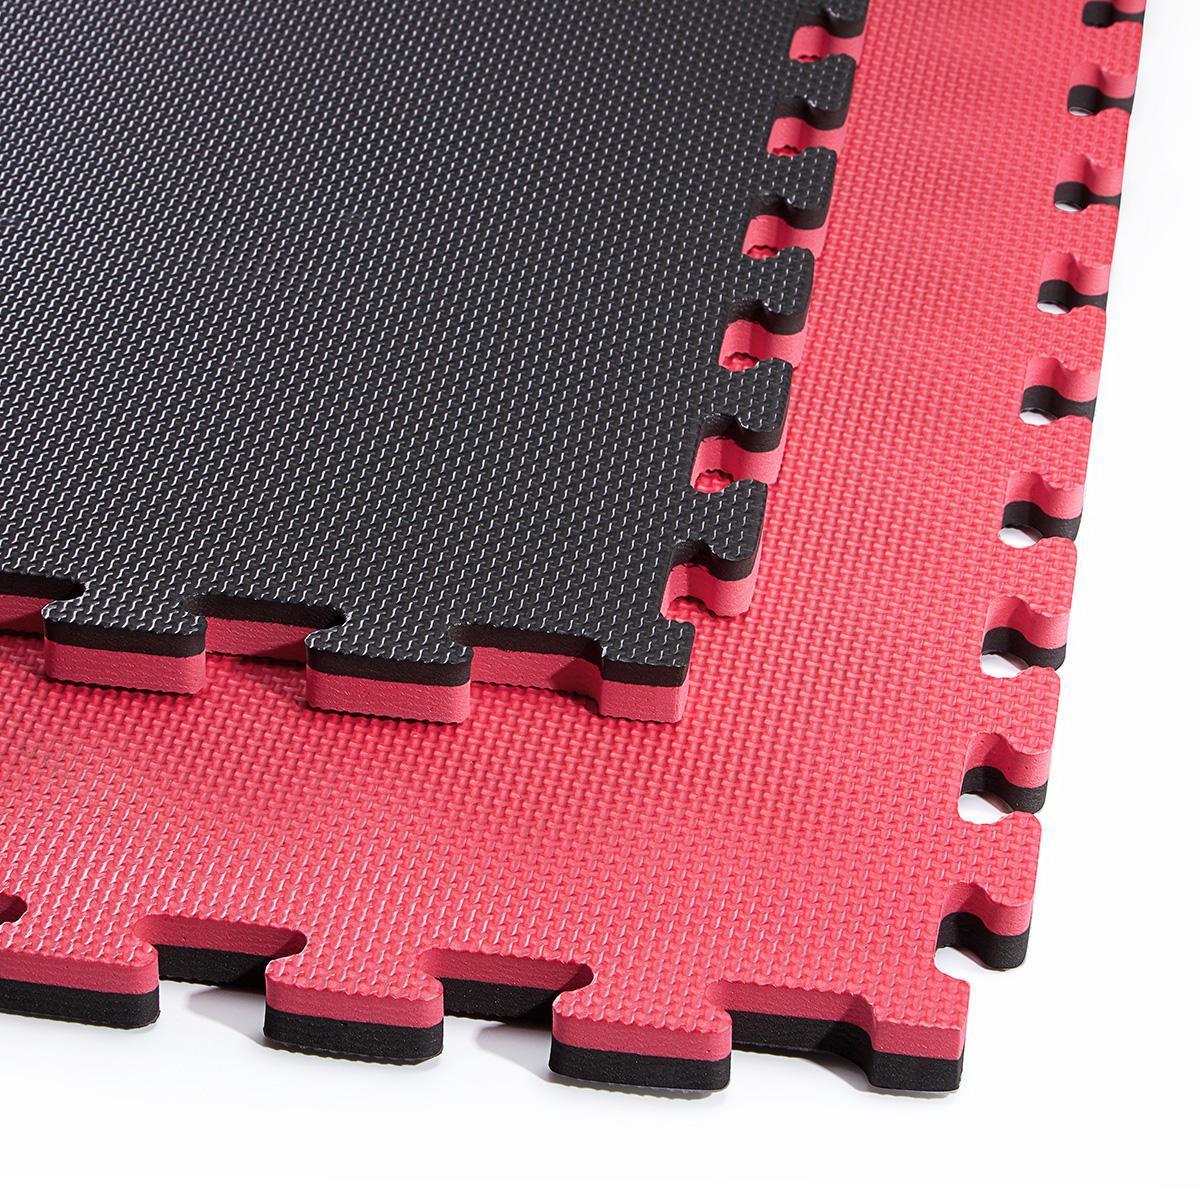 Мат-пазл (ластівчин хвіст) 4FIZJO Mat Puzzle EVA 100 x 100 x 2 см 4FJ0168 Black/Red